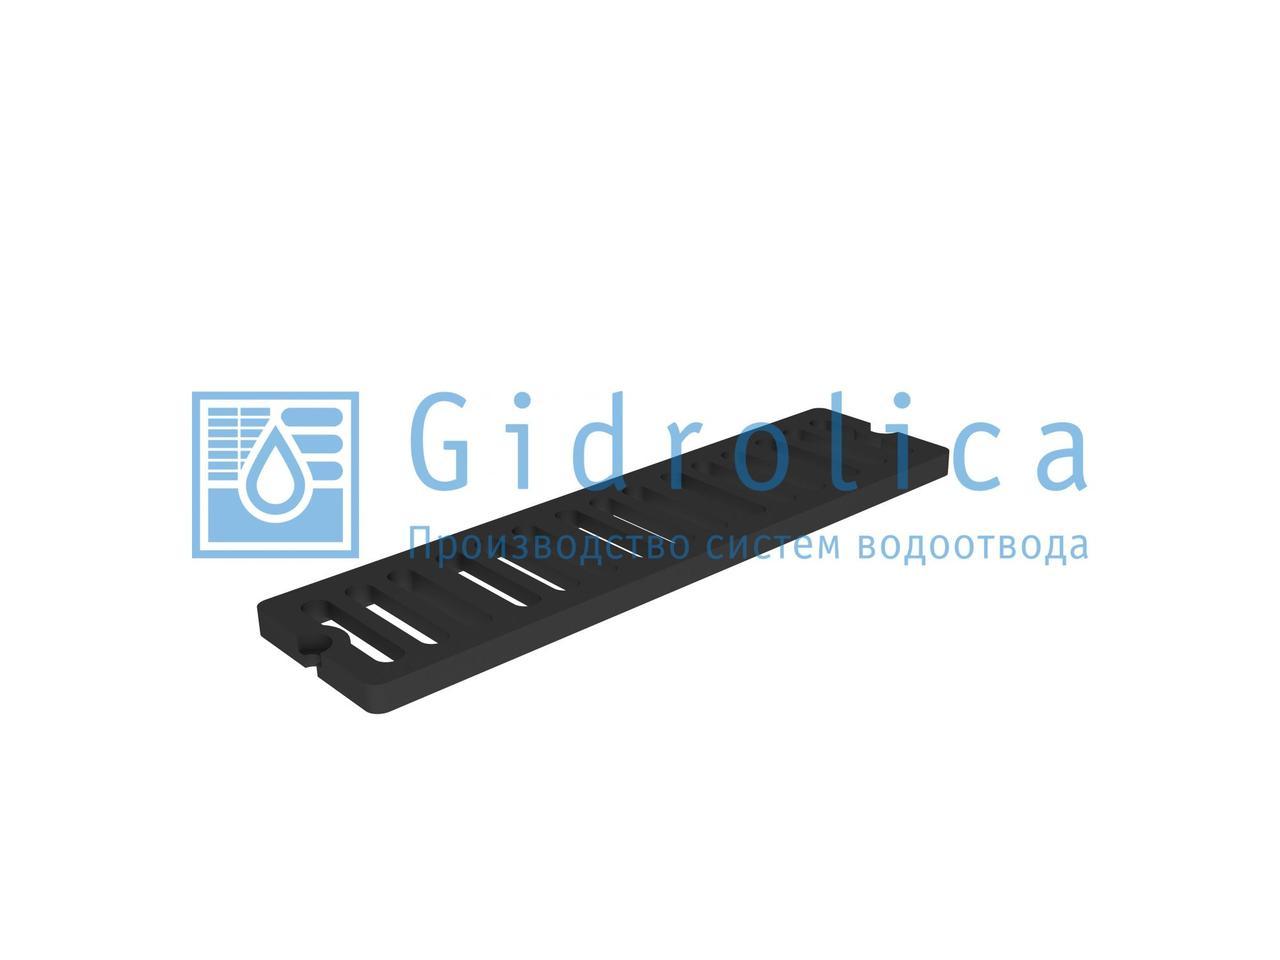 Решетка водоприемная СЧ 750*500*27 – чугунная, кл. D400